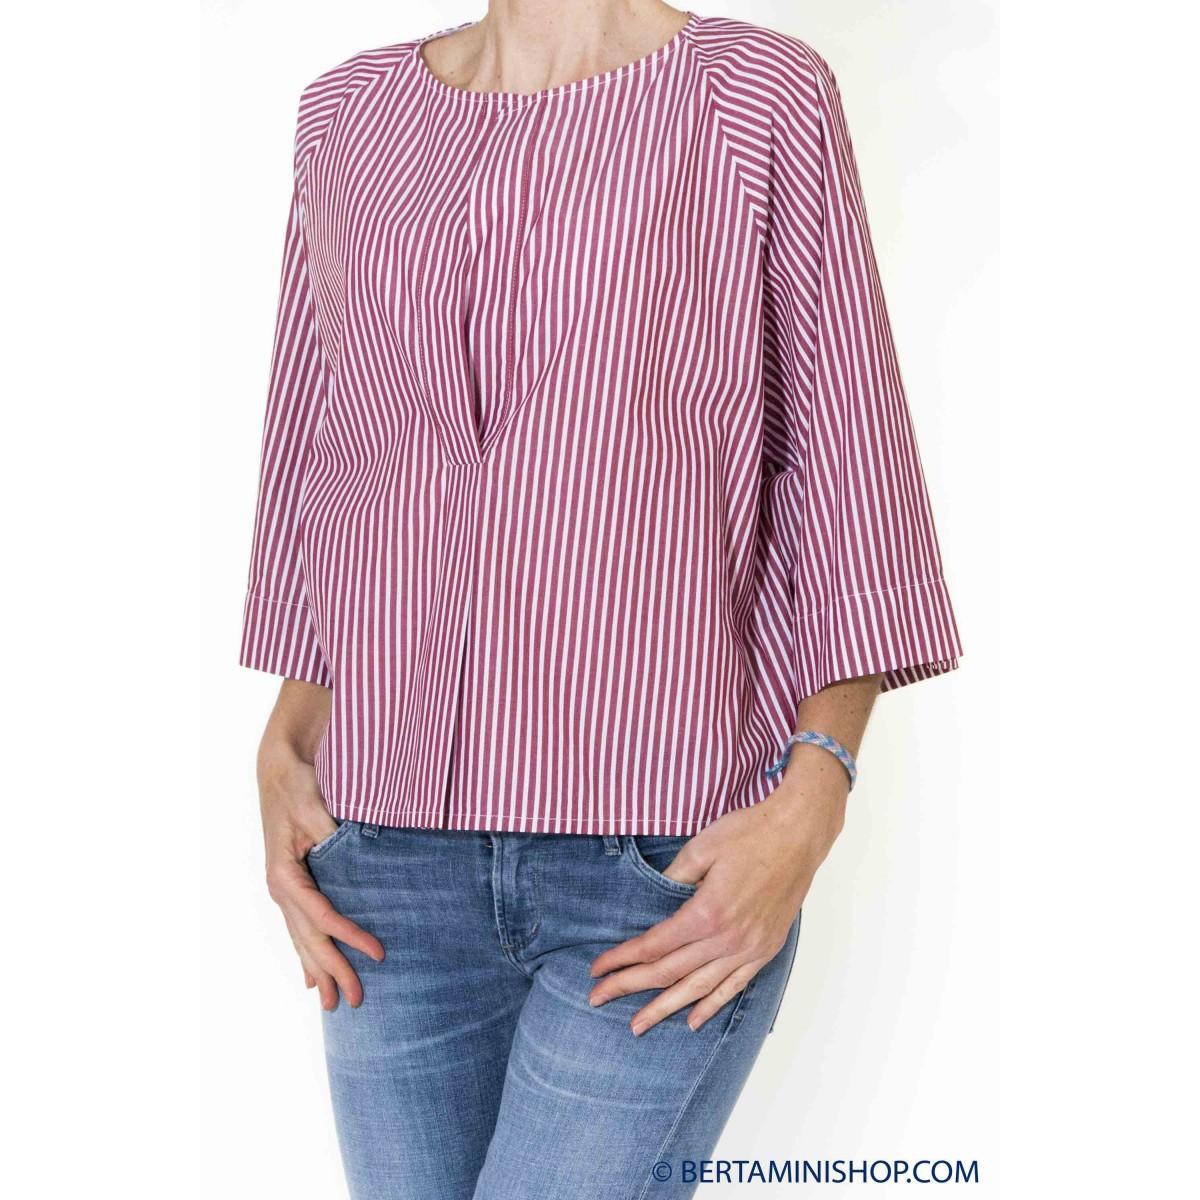 Camicia donna Jucca - 2024 camcia rigata